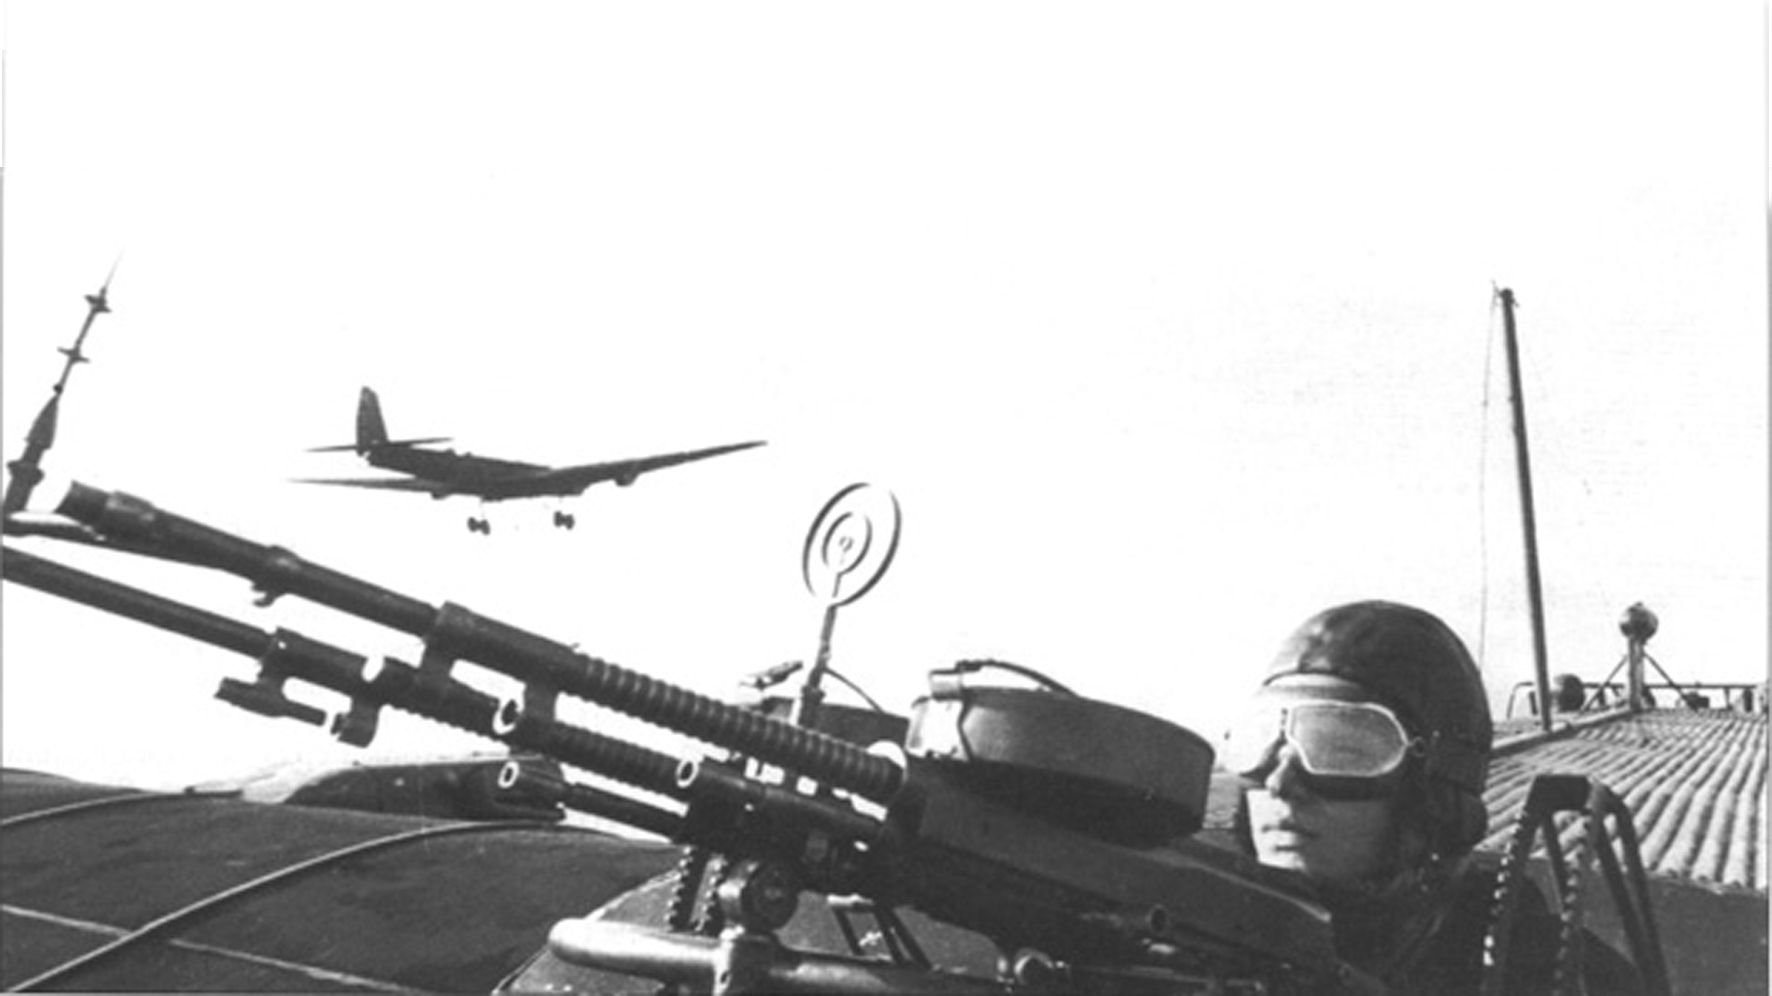 Телеуправляемые красноармейцы: воздушные мины и ракеты против самолетов